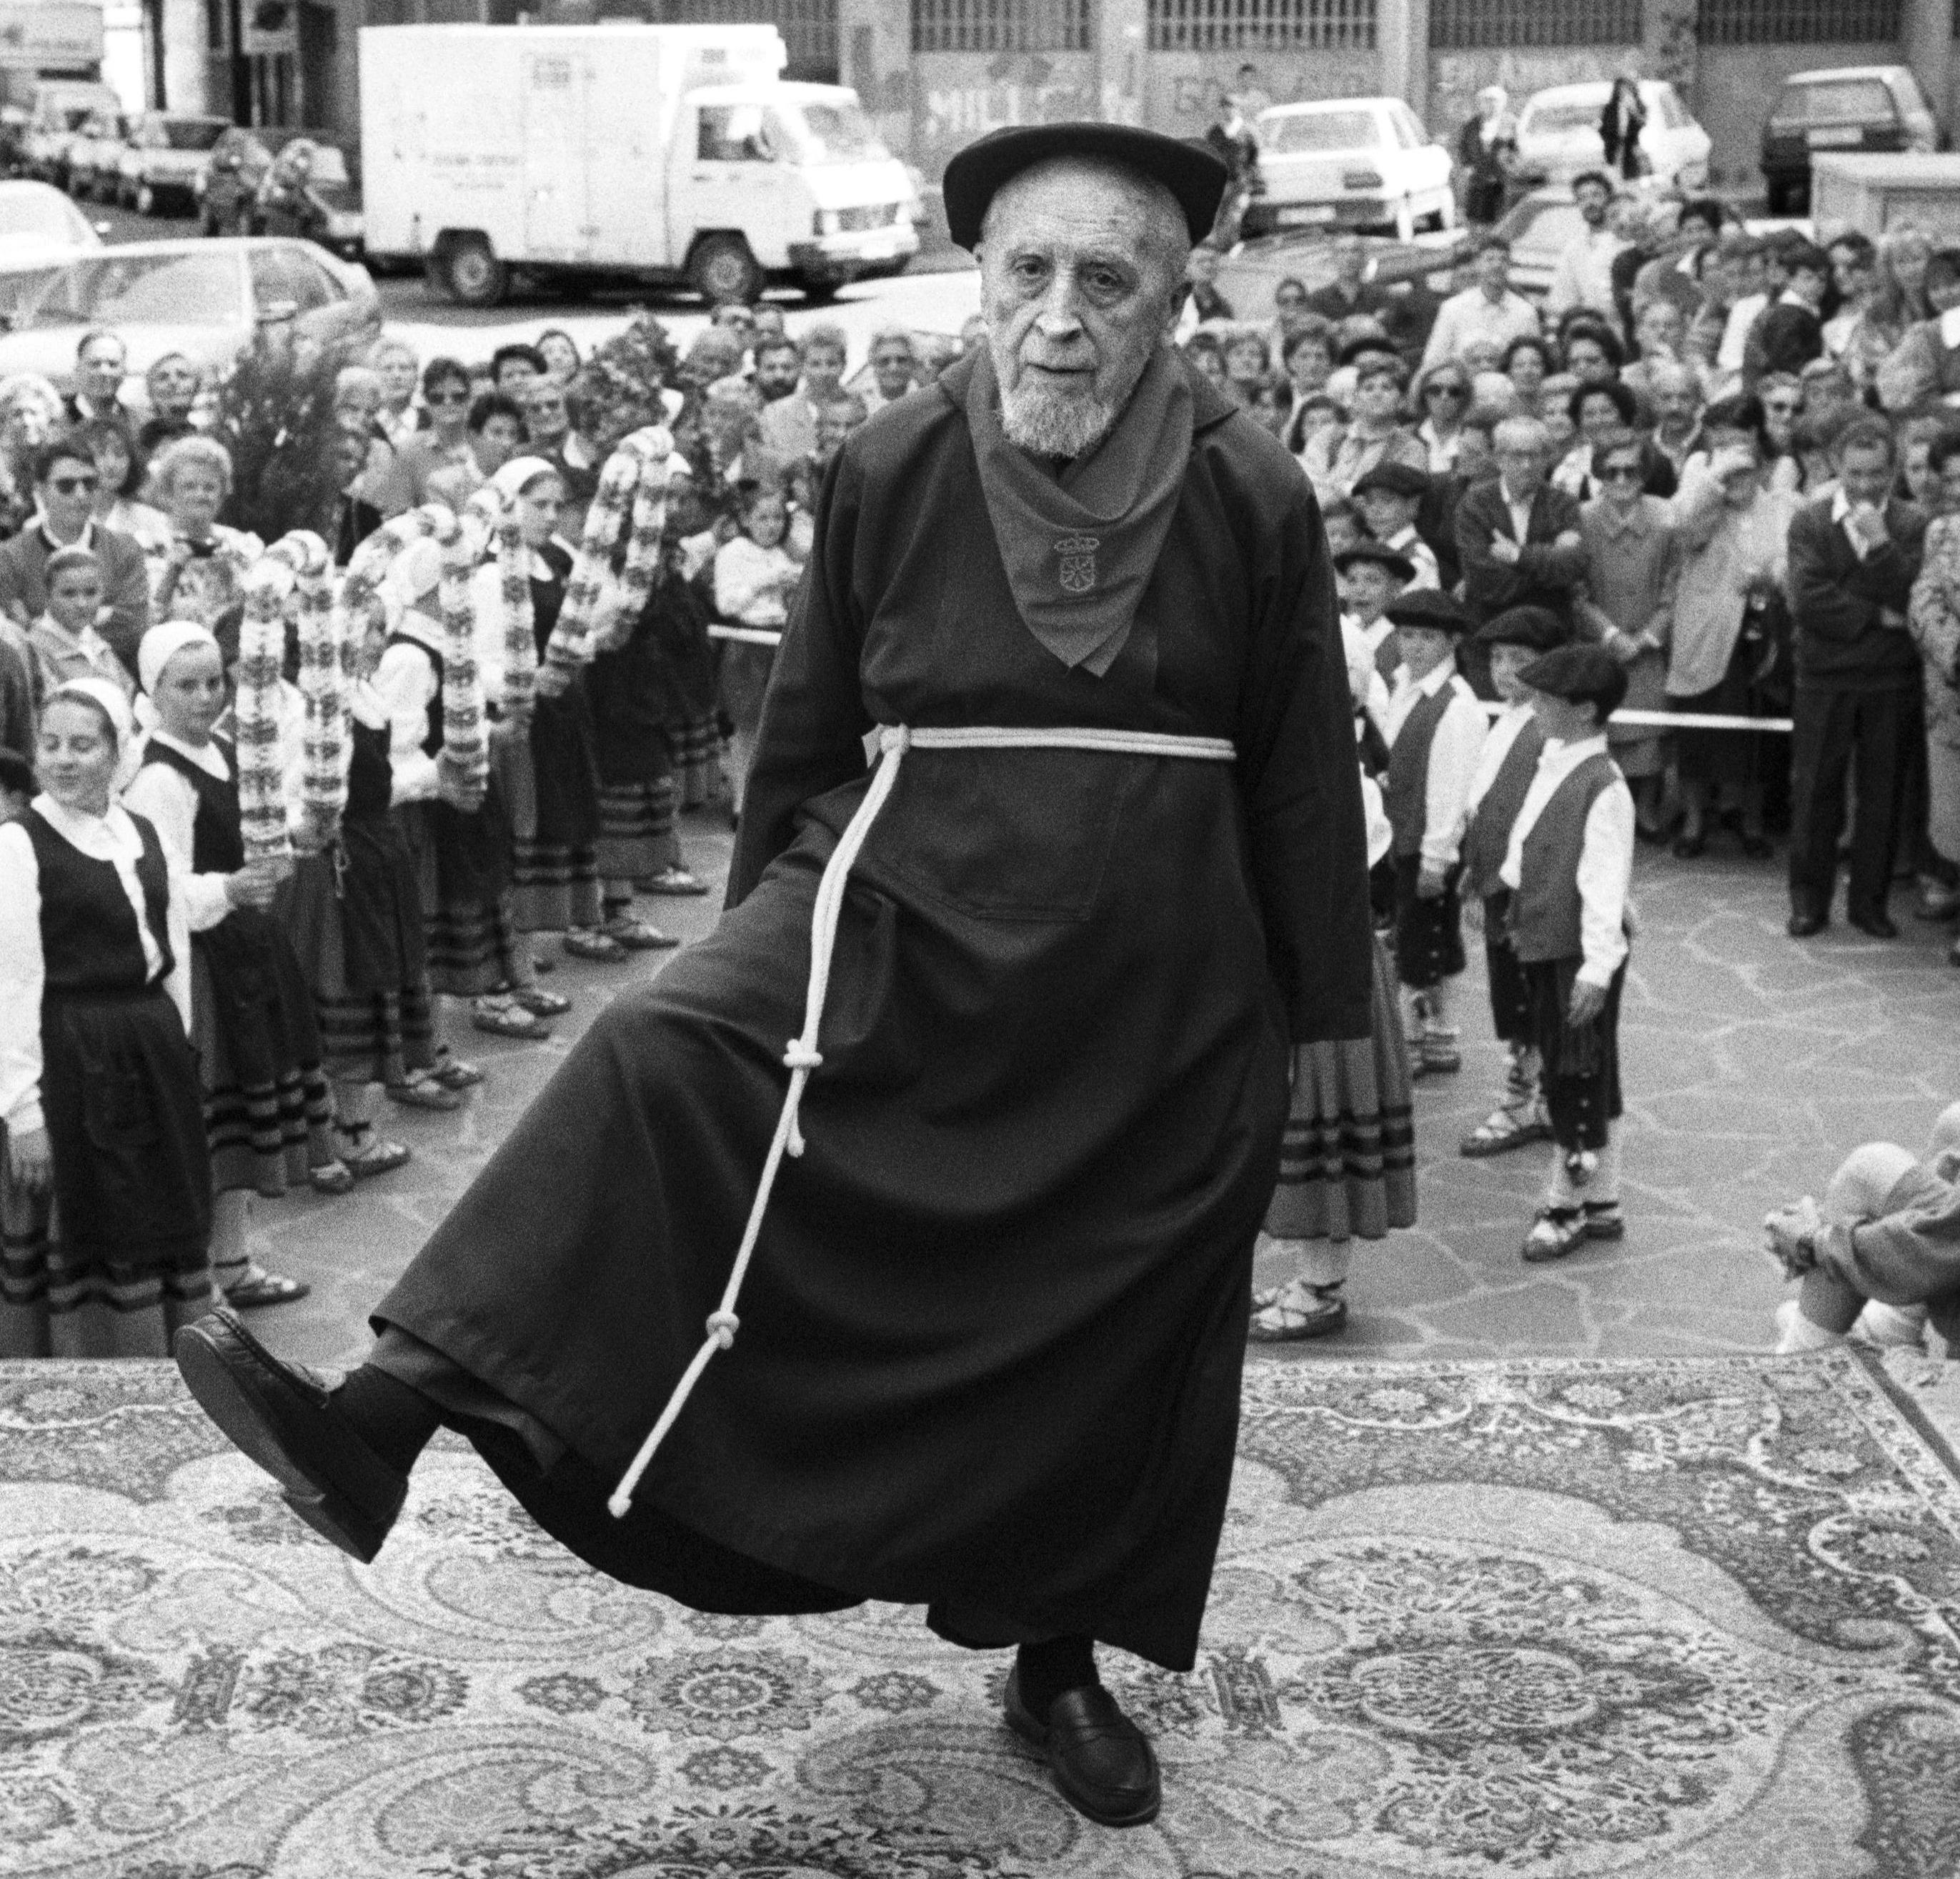 Antonio Arraiza, 100 urte bete zituela ospatzeko aurreskua dantzatu zuen fraidea